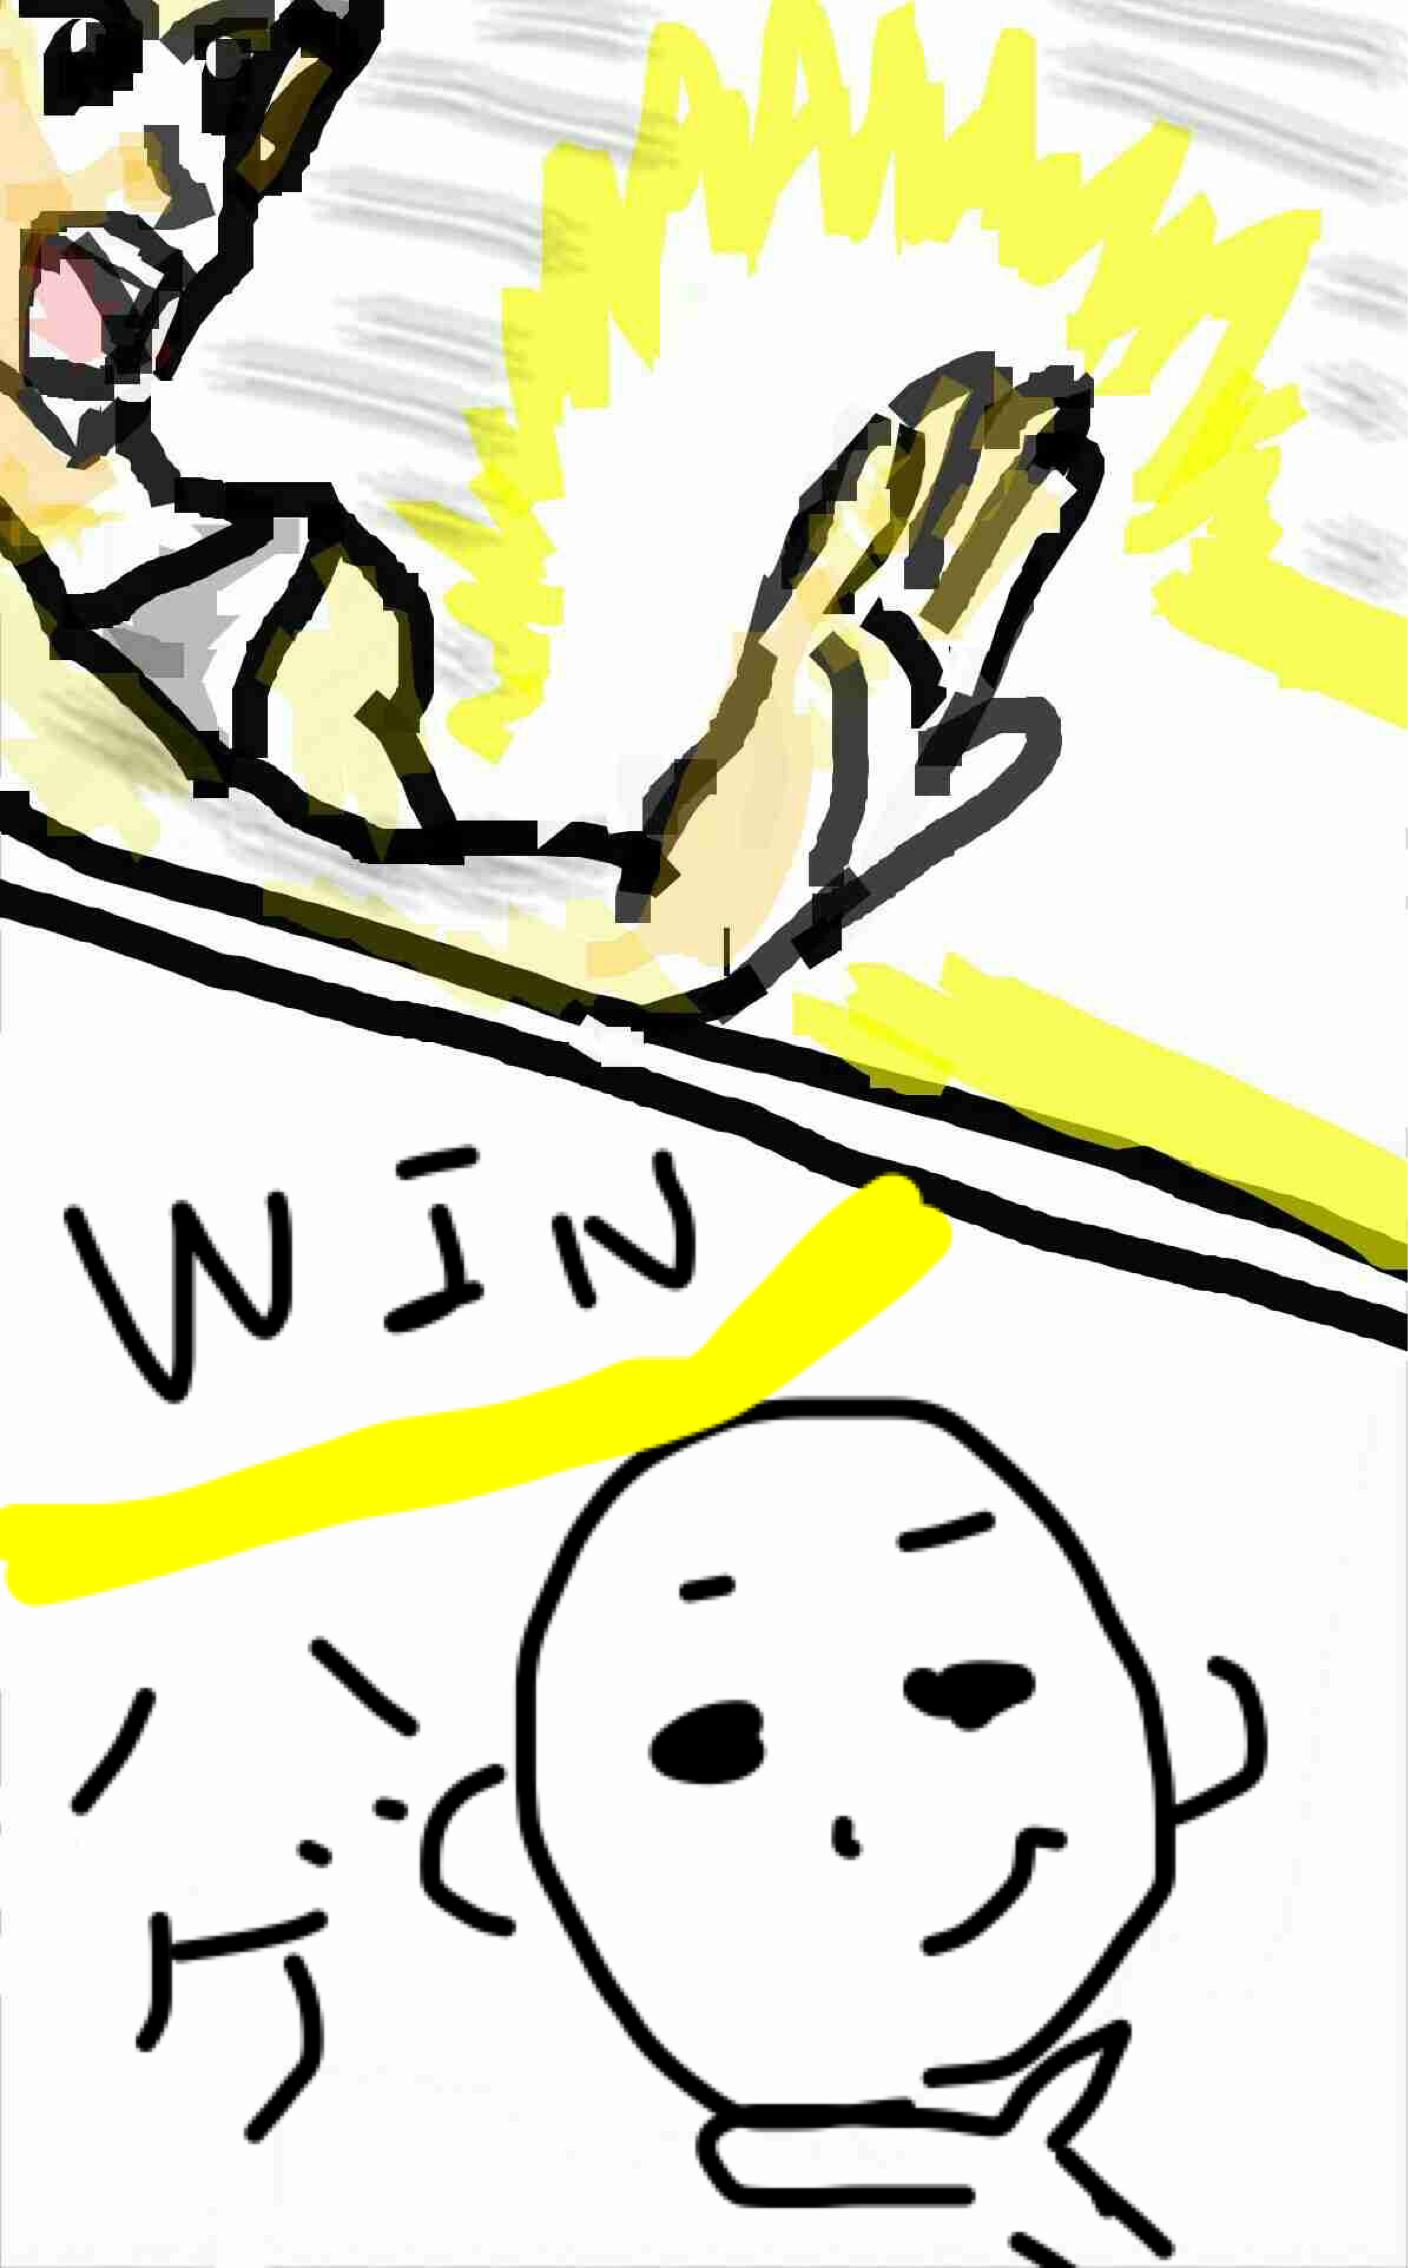 〔お絵描き〕もう1コマ描いてください